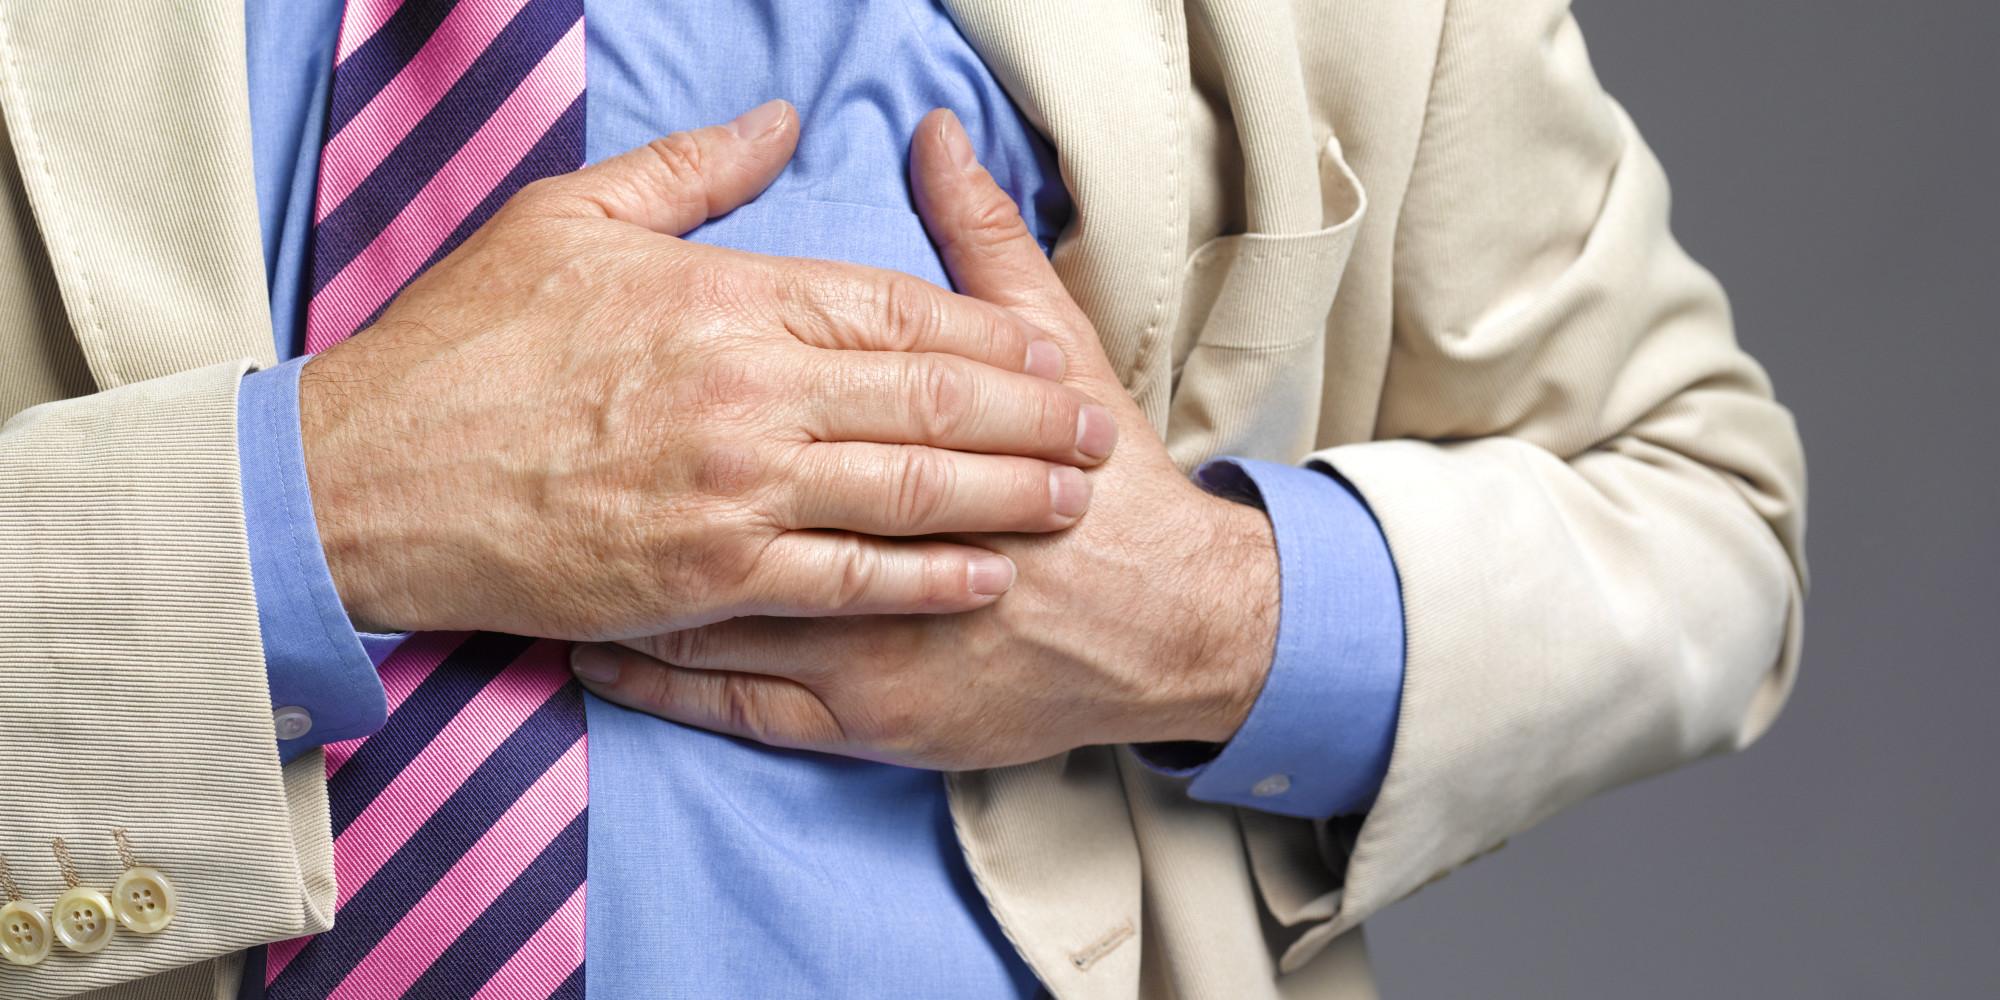 Senior man having a stroke/heart attack